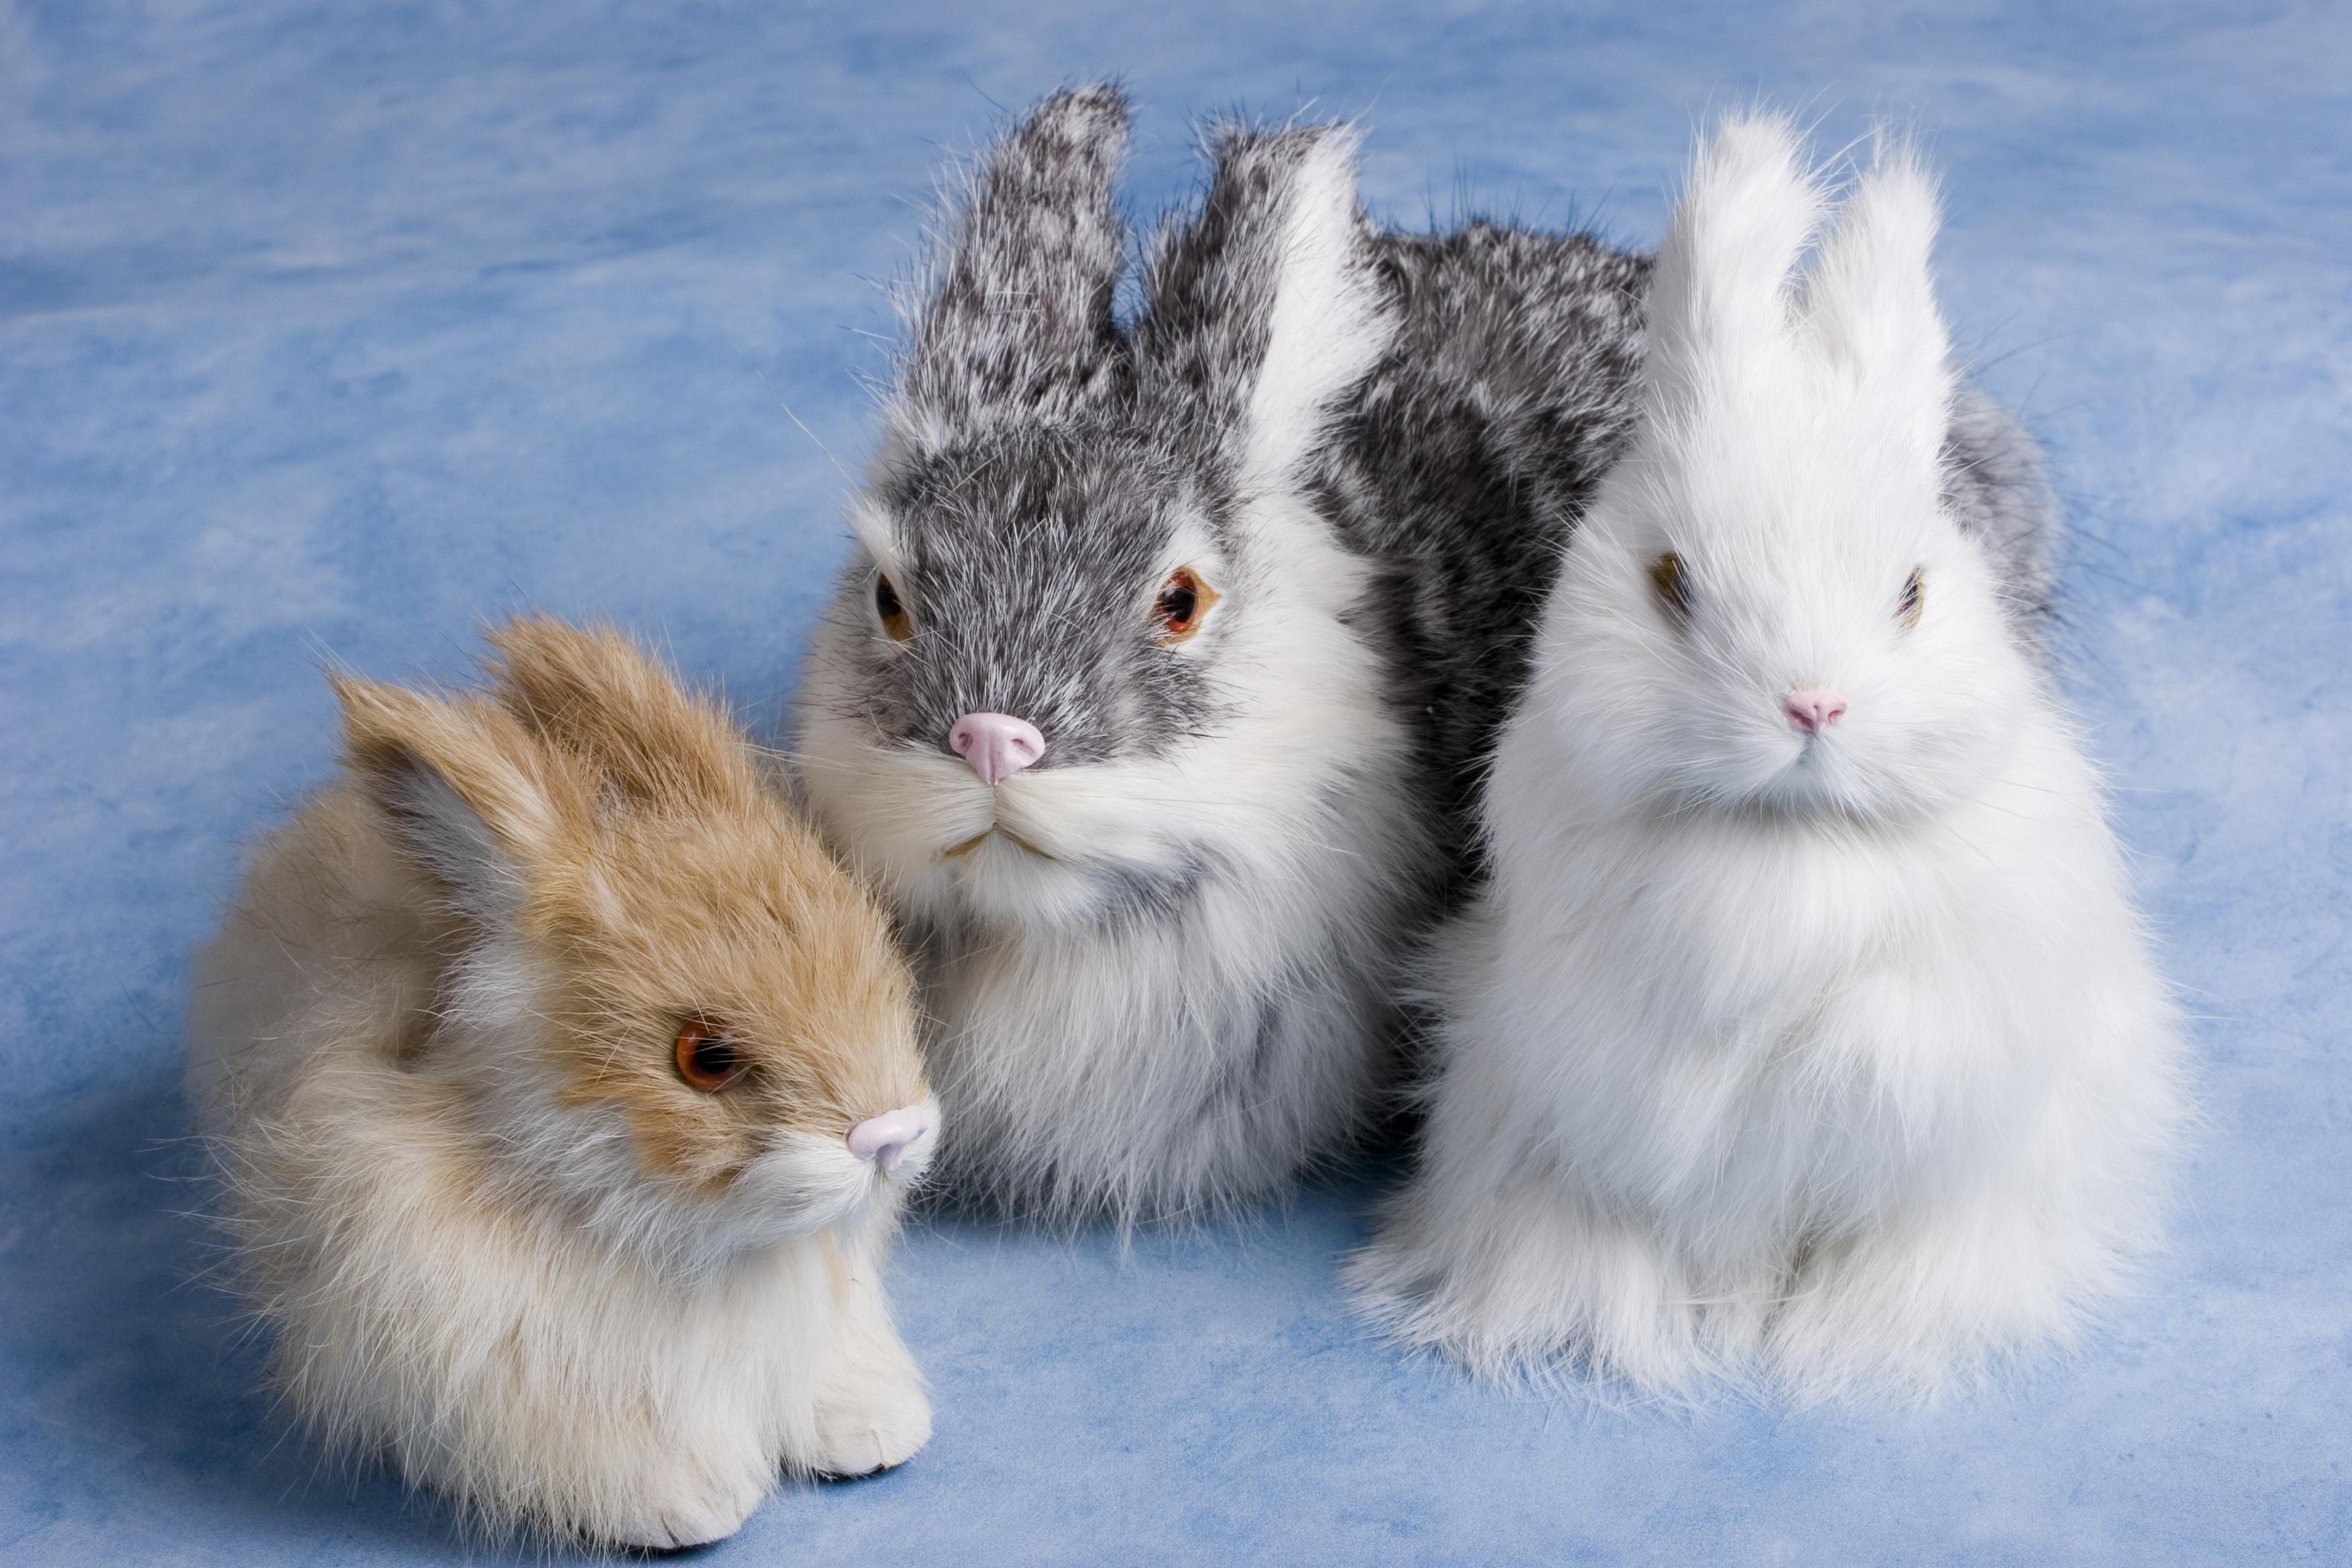 Easter Bunny History | SANDMAN SAYS